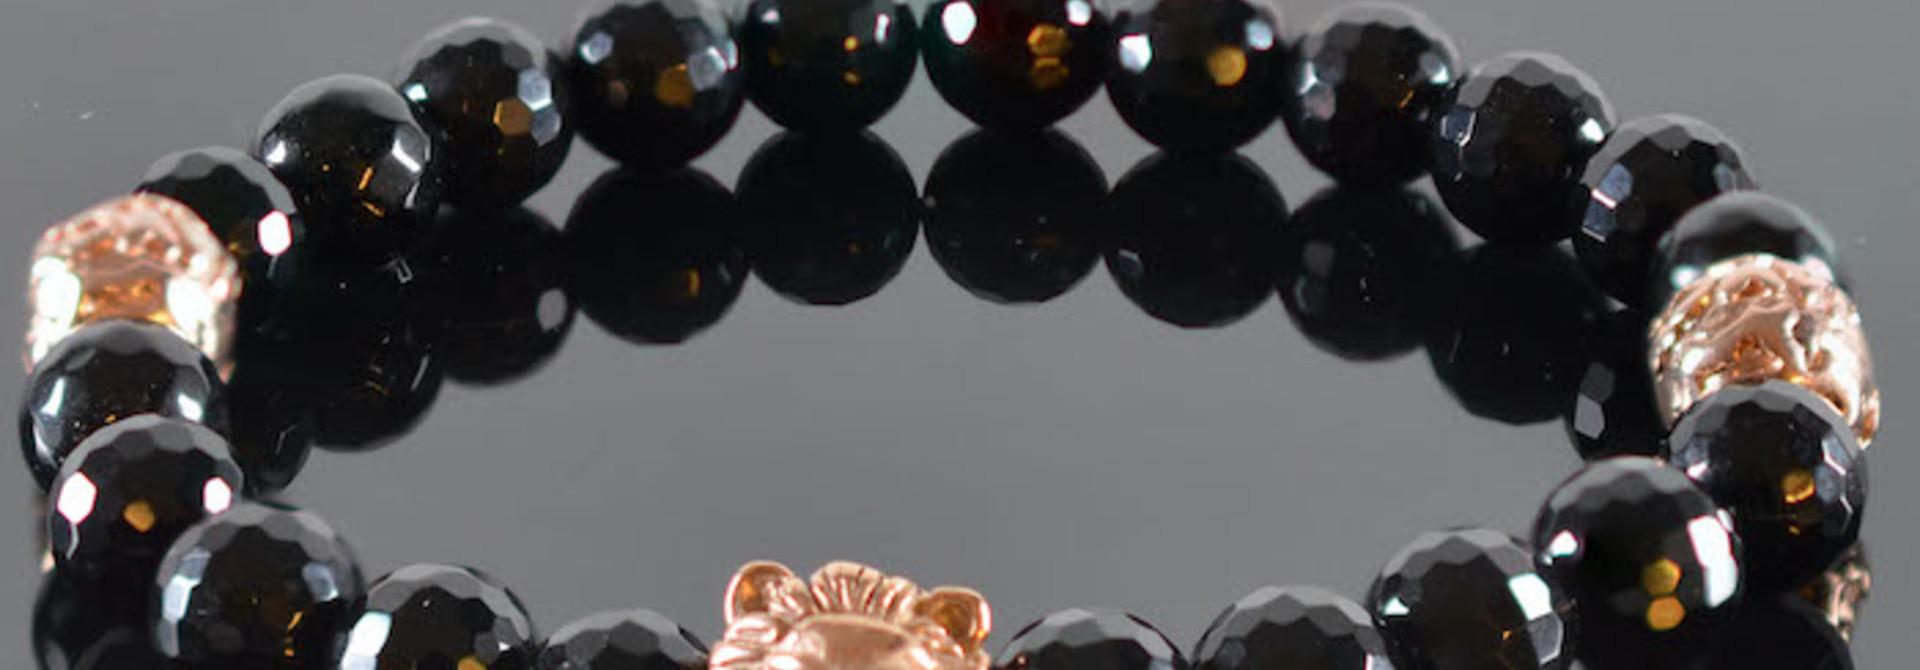 Leeuwenkop Armband heren Boas